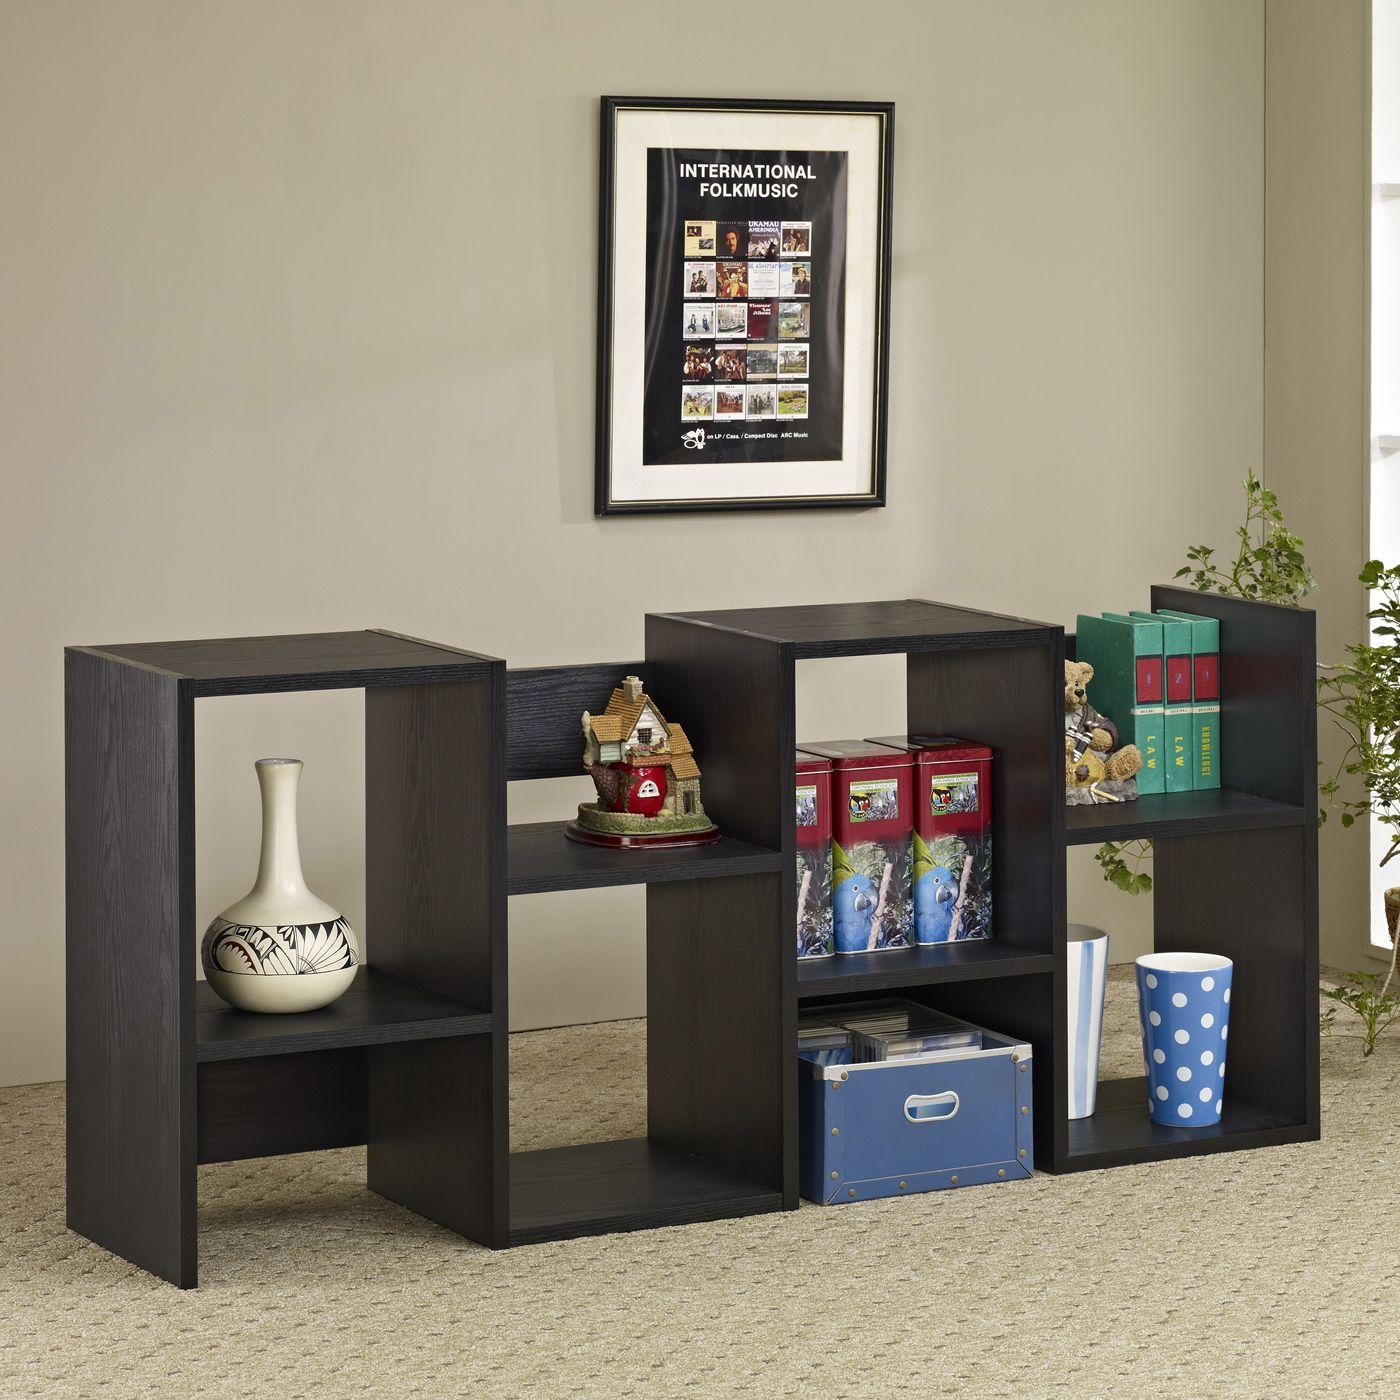 Enitial lab mar vina versatile bookcase home pinterest labs